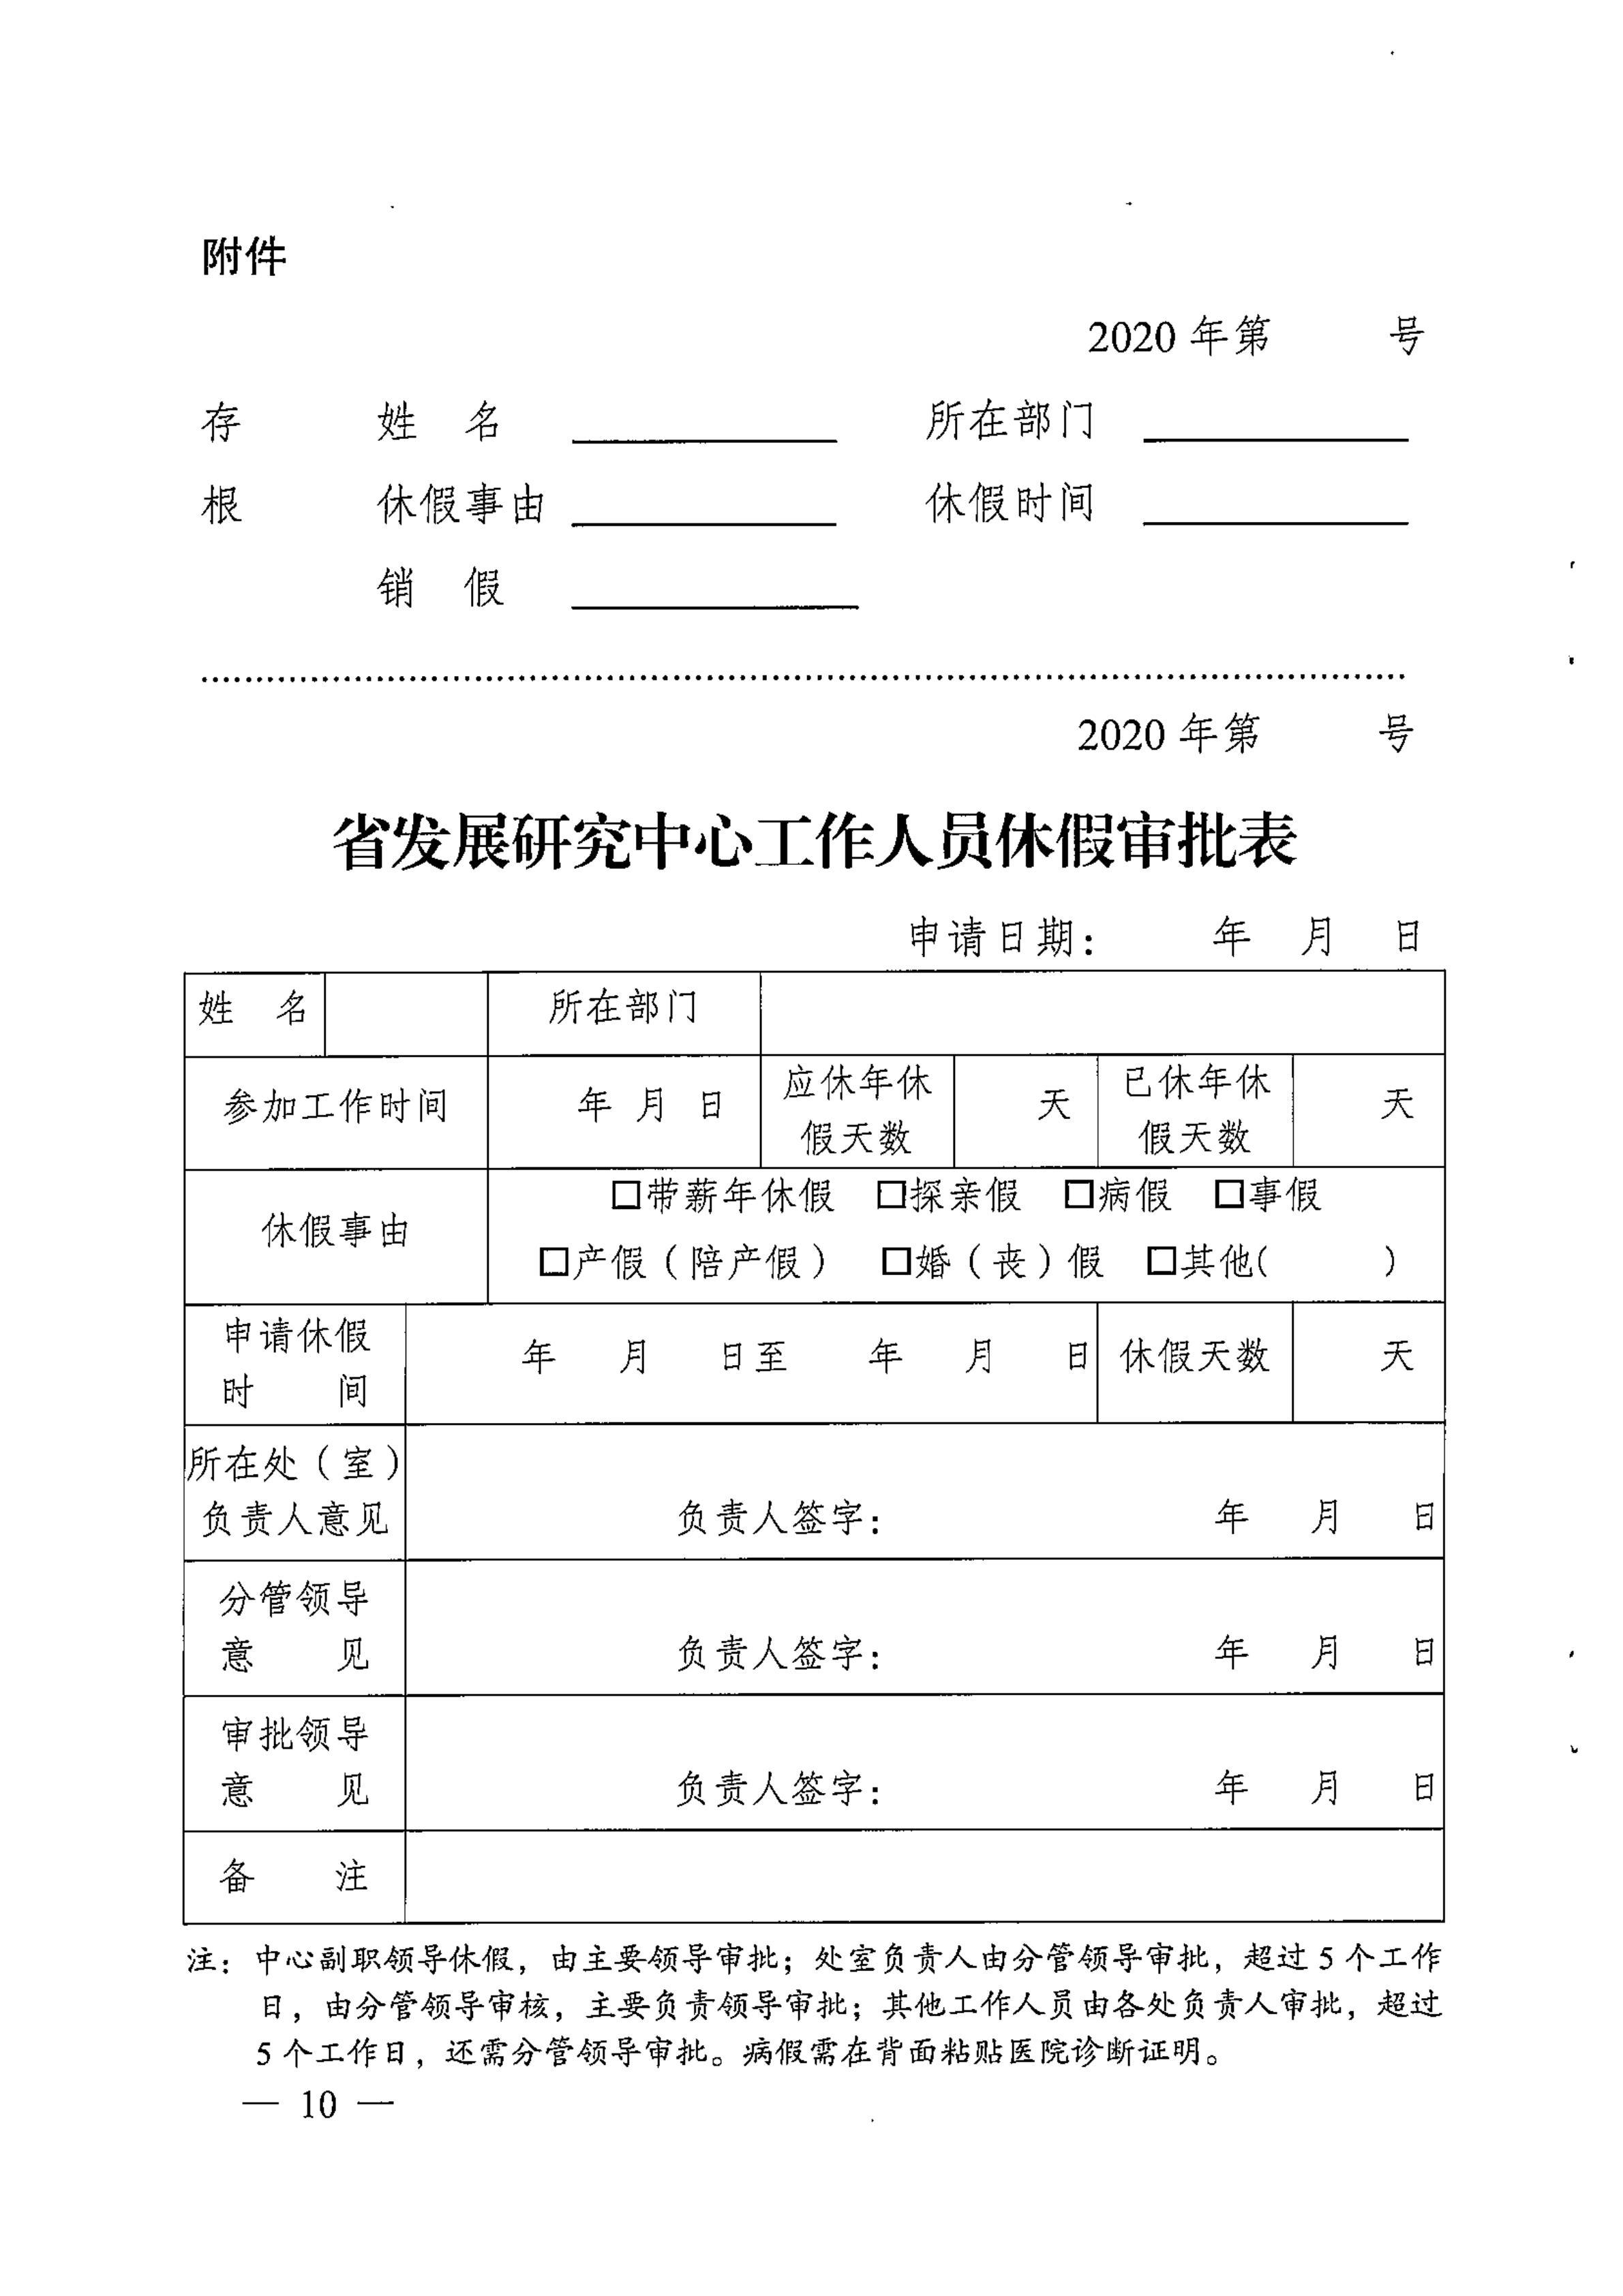 关于印发《广东省人民政府发展研究中心工作人员休假管理办法》的通知_09.jpg